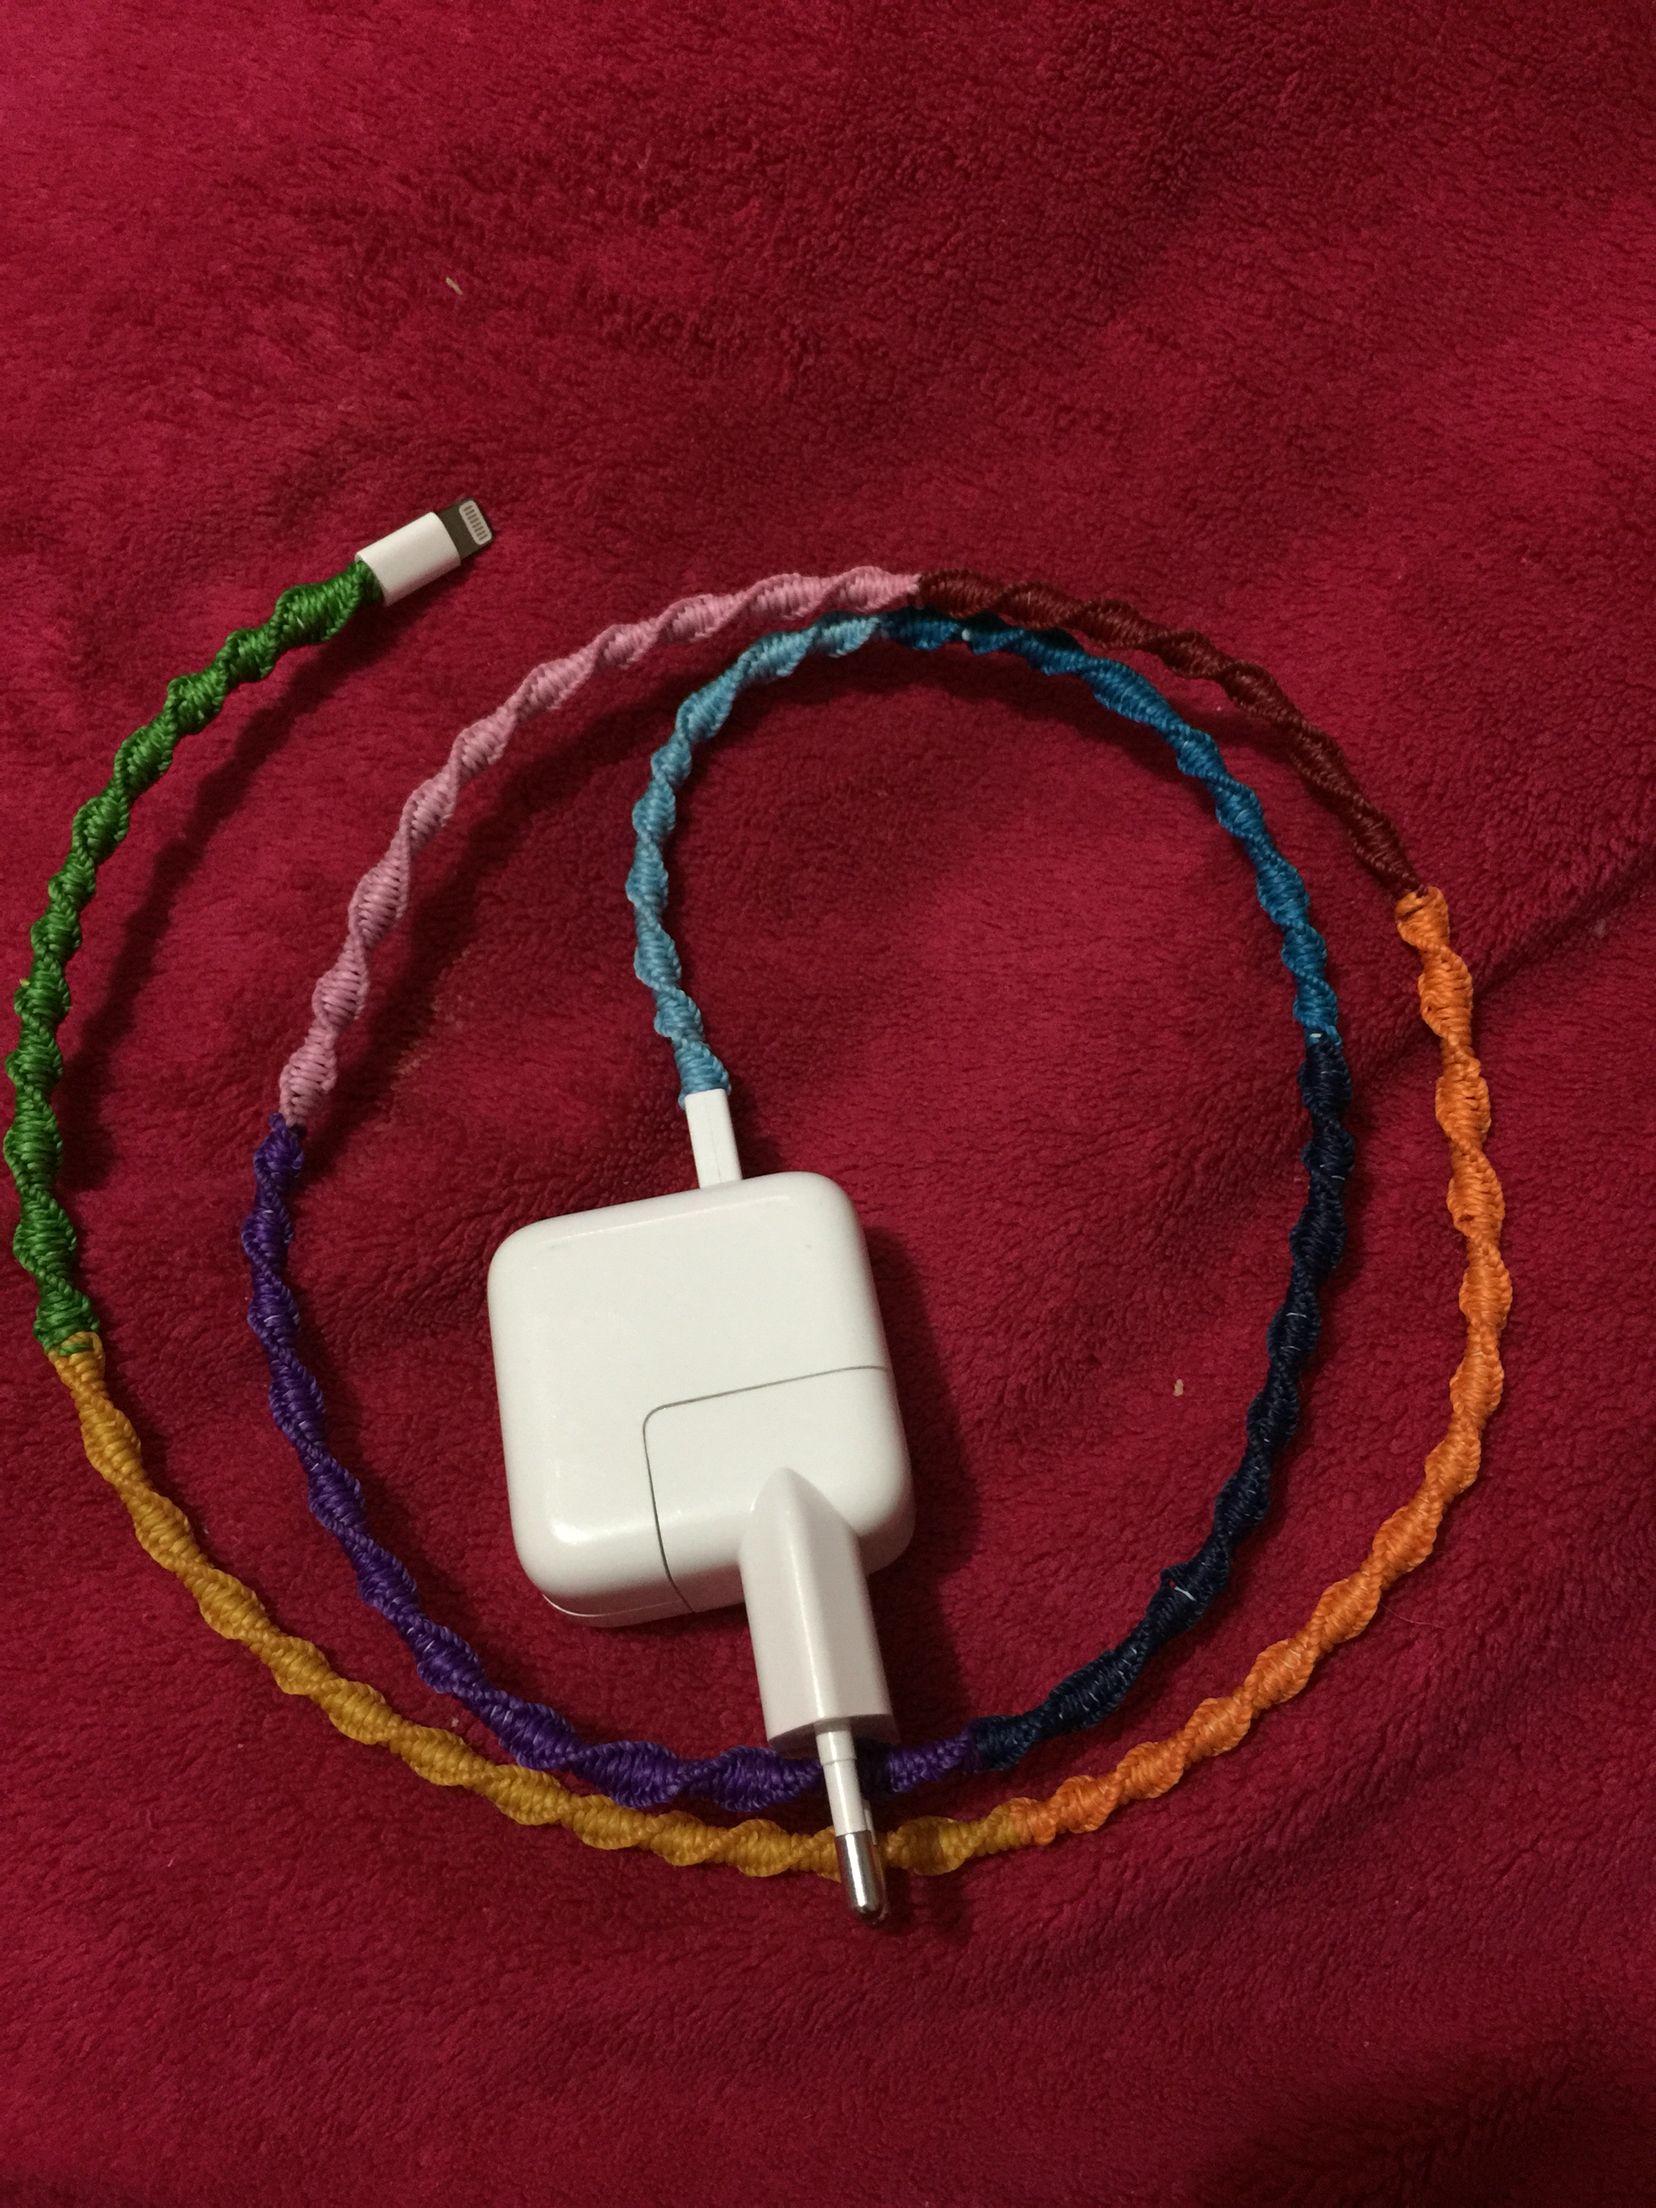 Revestimiento de cable hecho a mano #handcrafted